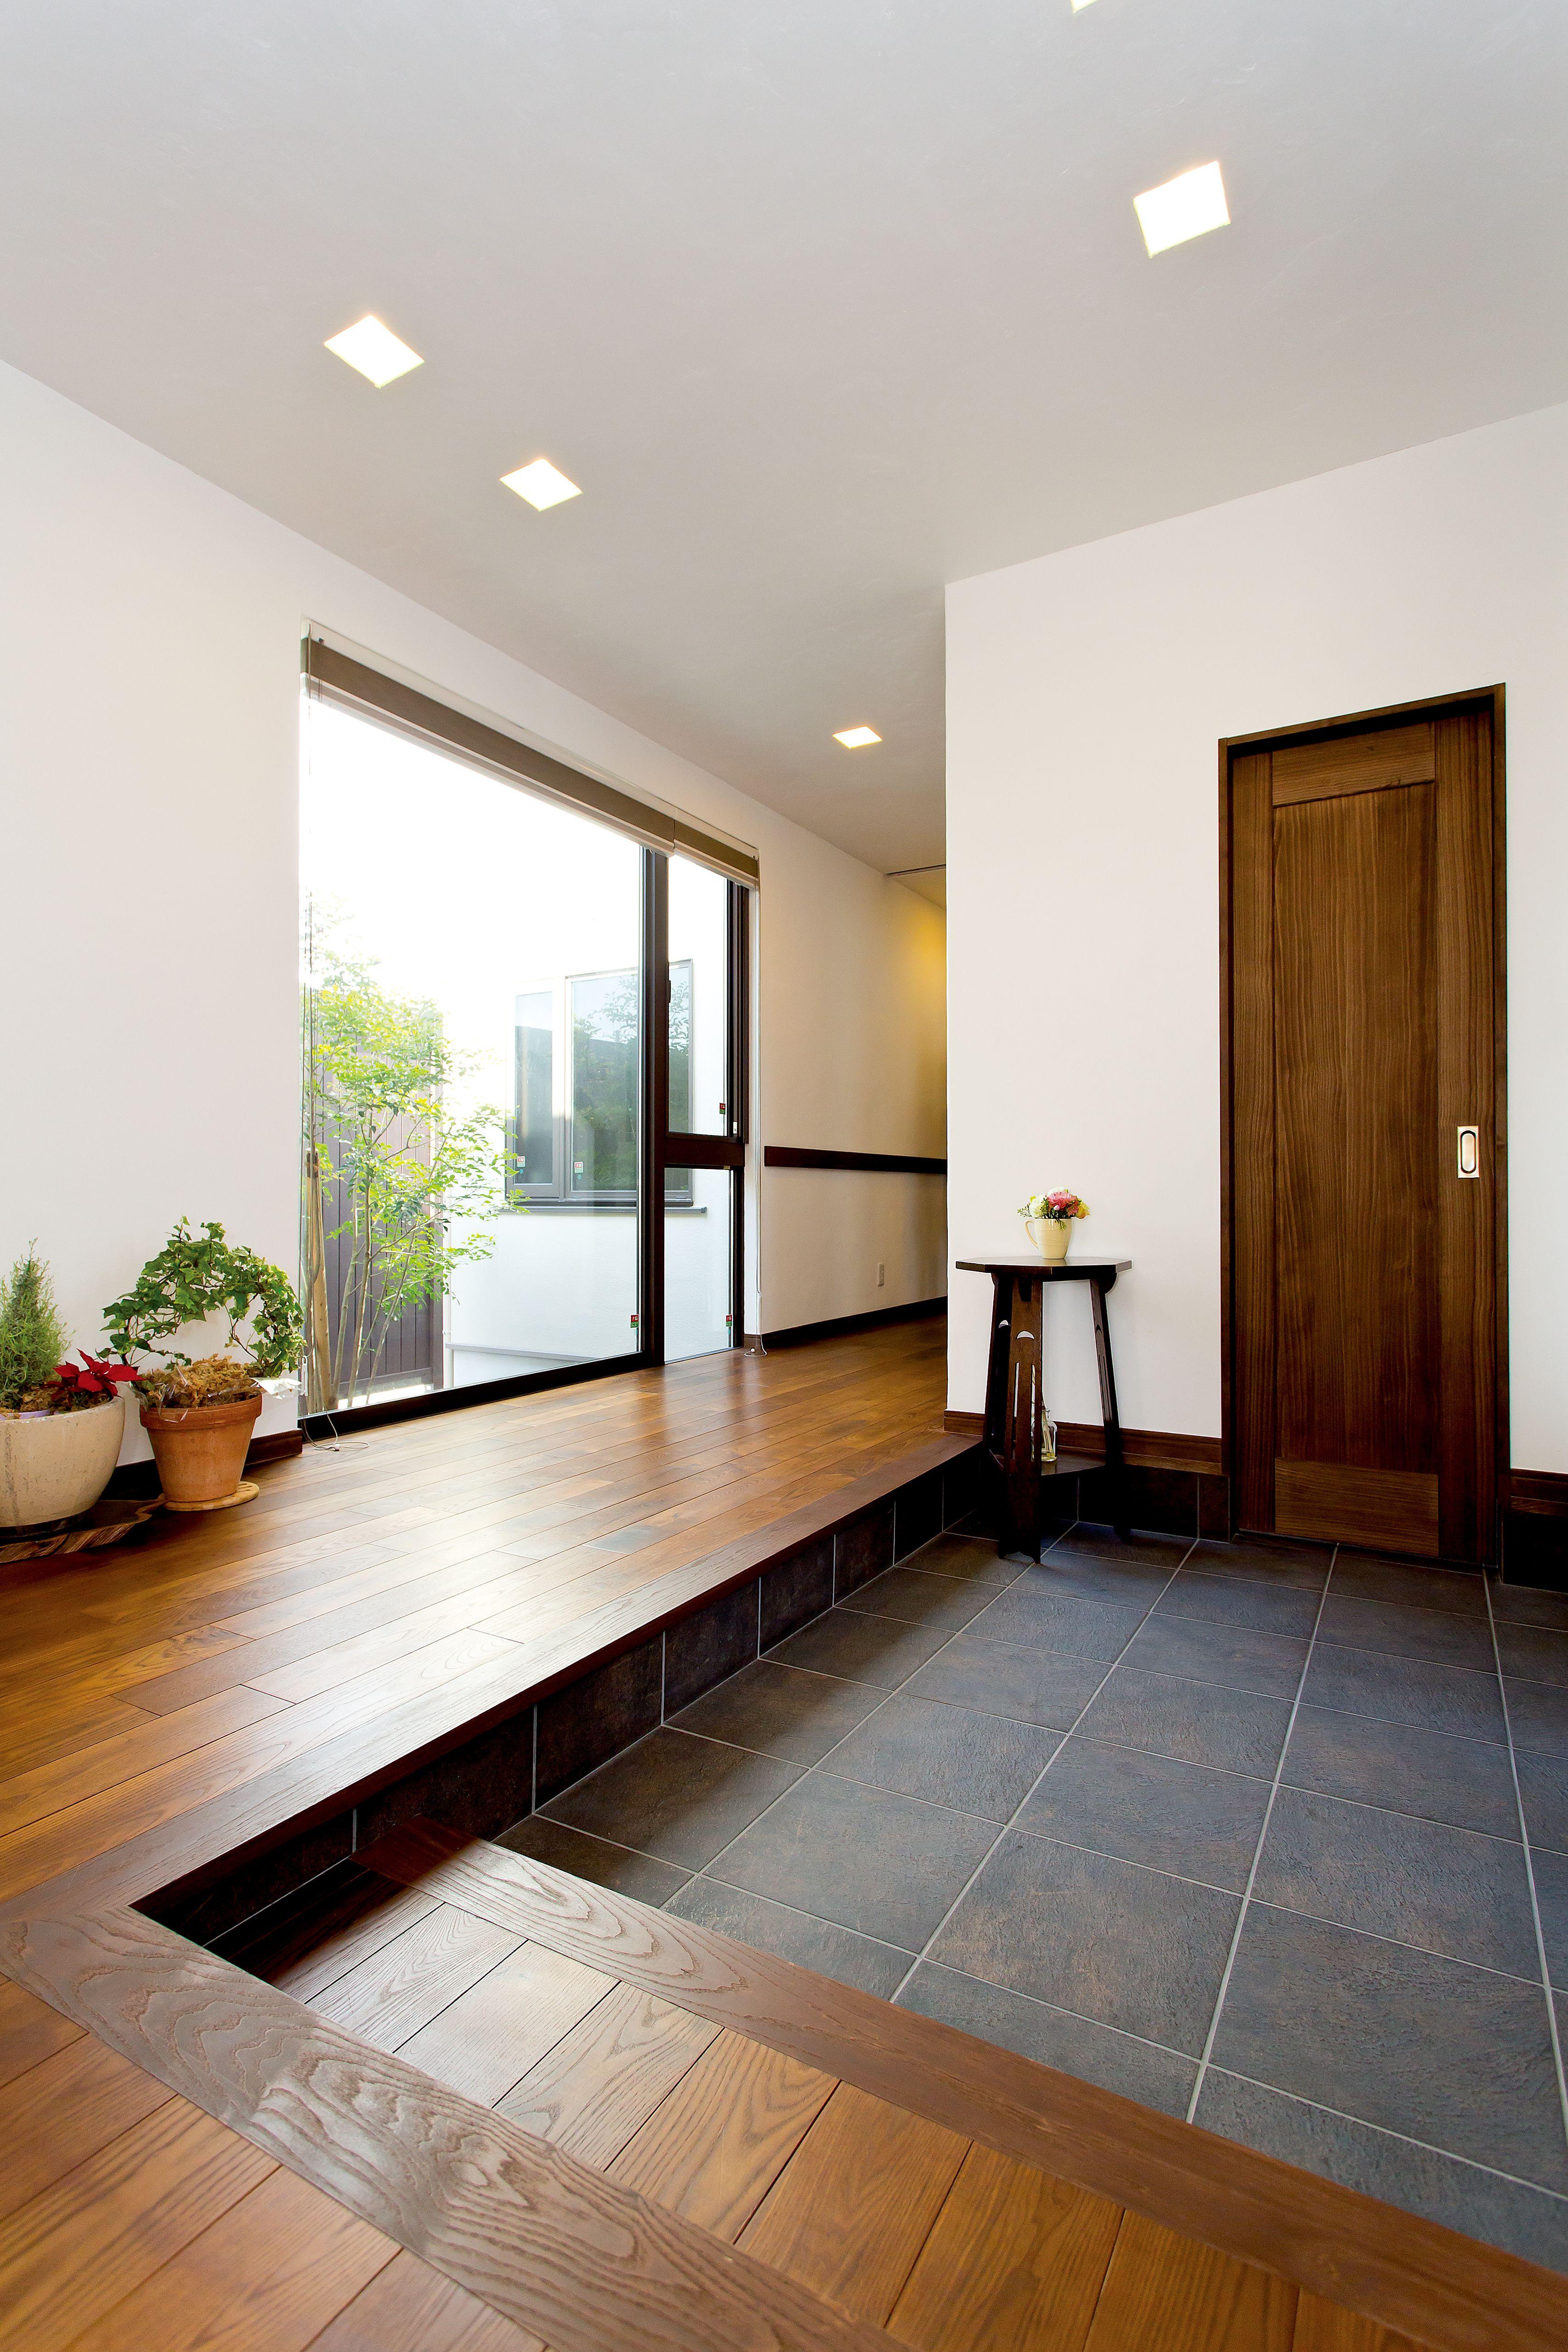 ケース37 玄関 リフォーム 玄関 オシャレ 玄関 内装